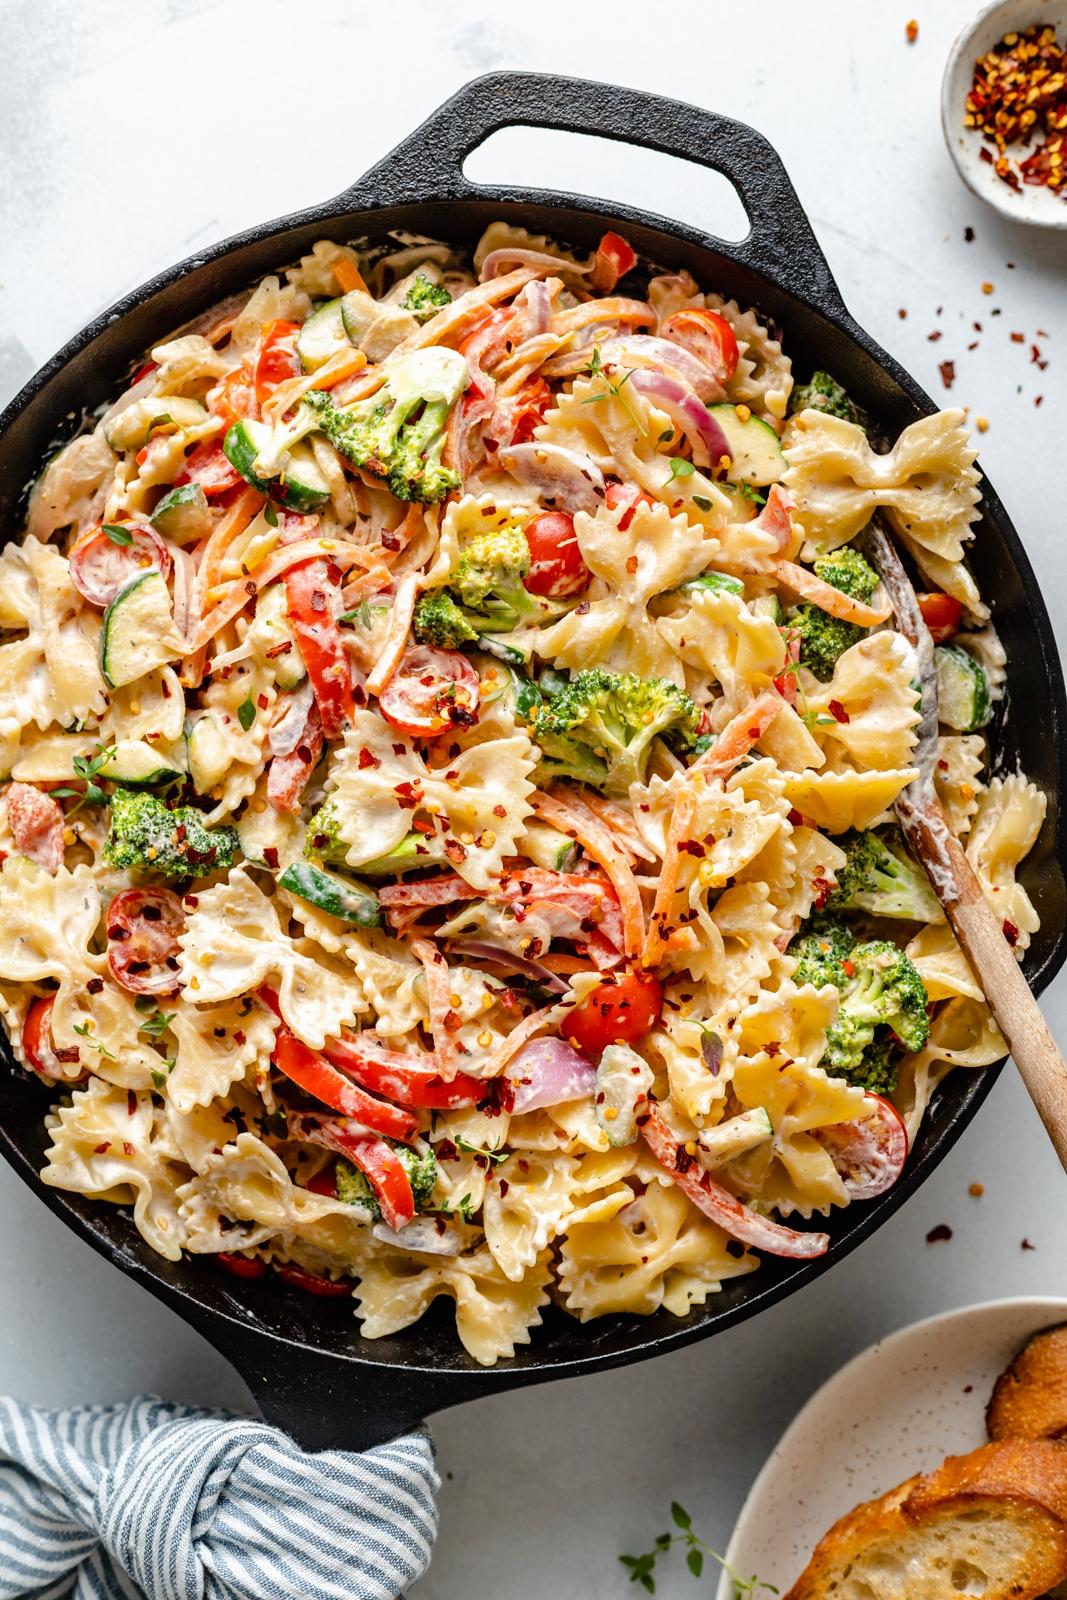 easy vegan pasta primavera in a skillet